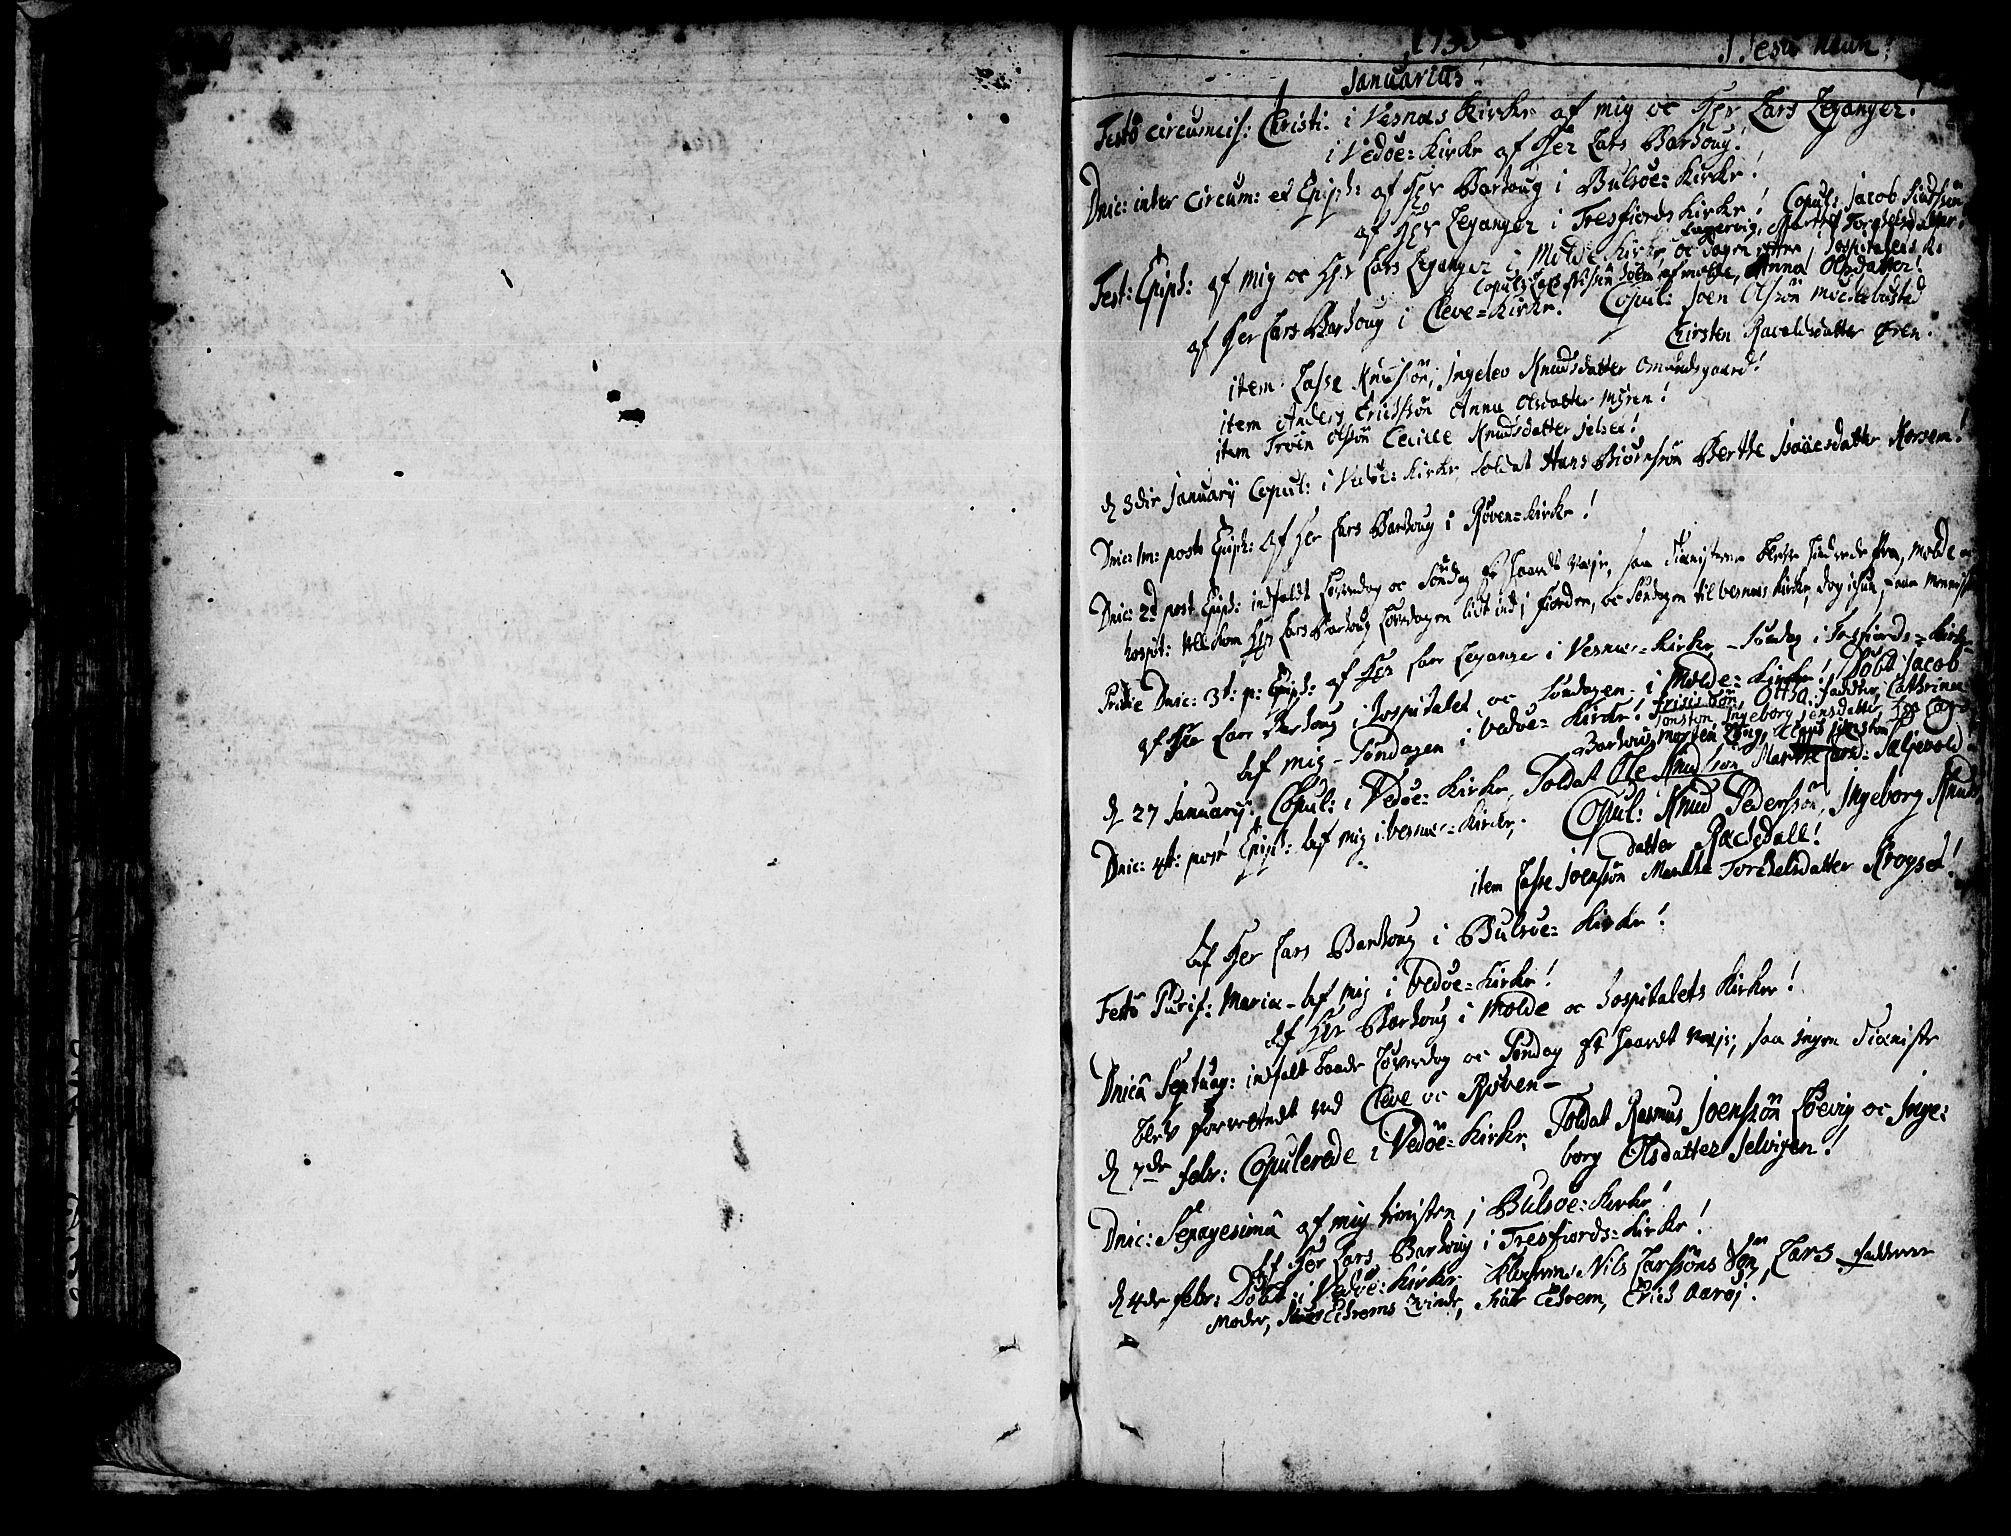 SAT, Ministerialprotokoller, klokkerbøker og fødselsregistre - Møre og Romsdal, 547/L0599: Ministerialbok nr. 547A01, 1721-1764, s. 150-151